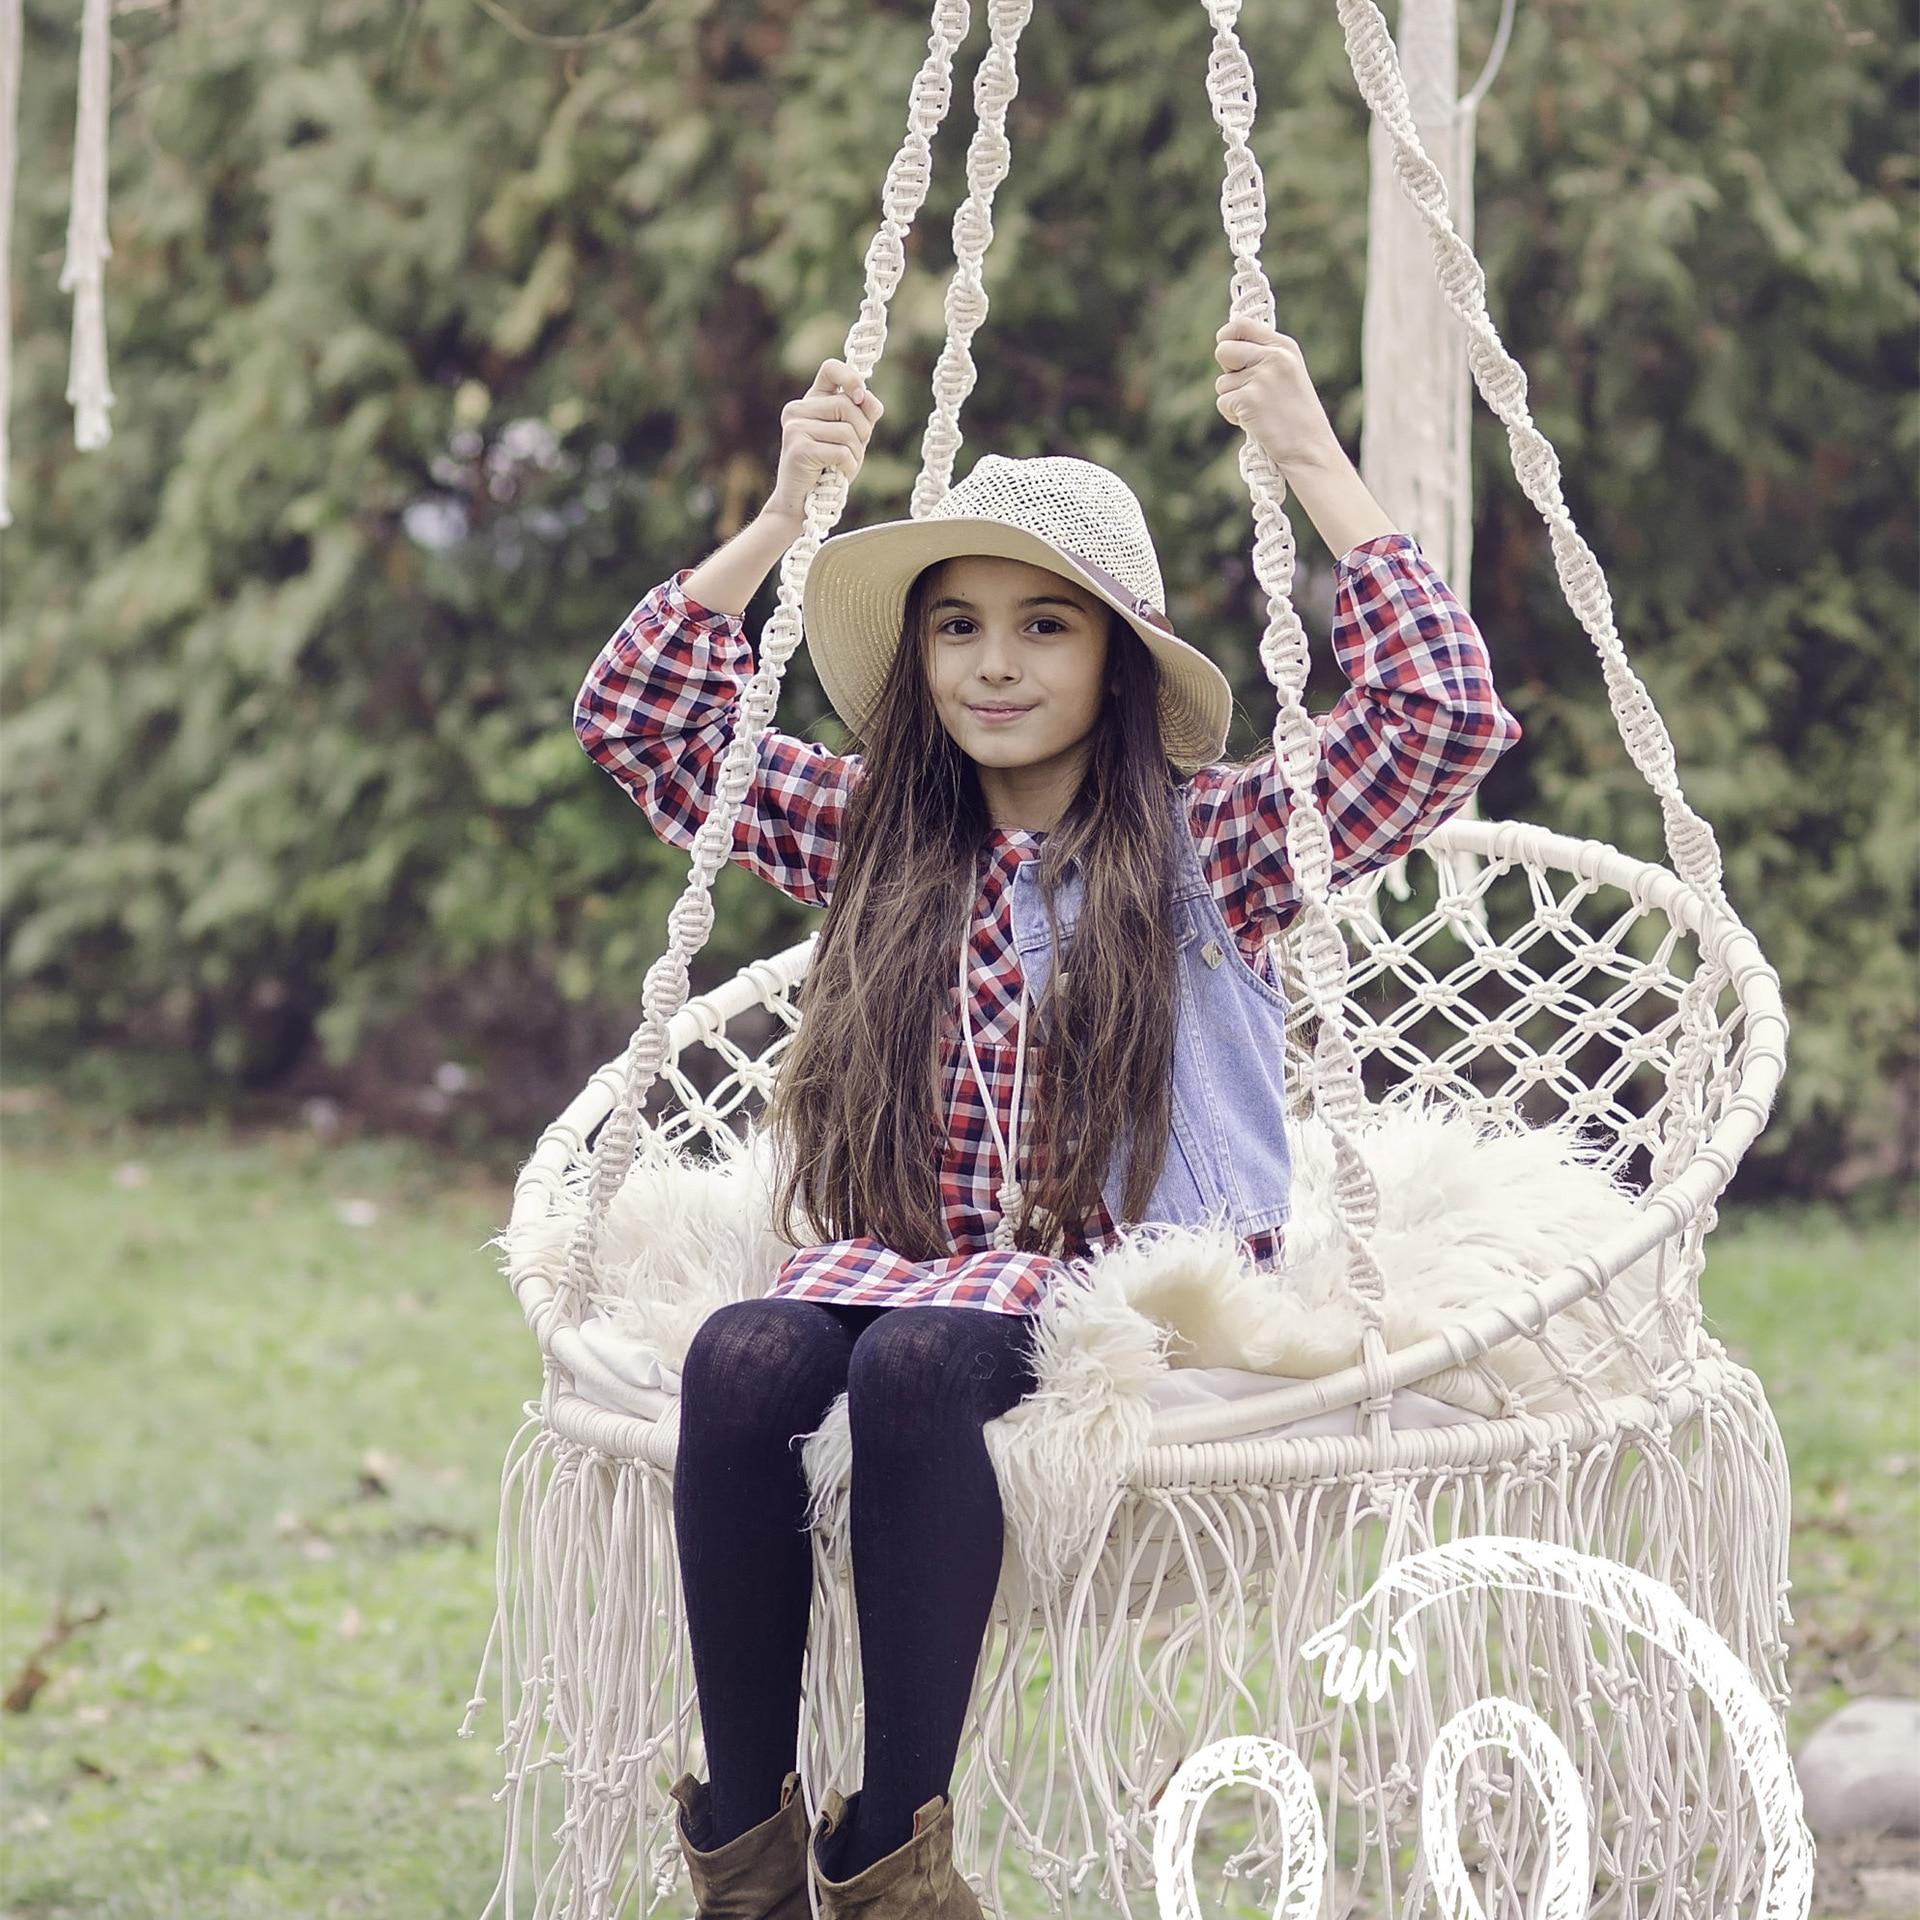 Balançoire chaise suspendue balcon extérieur dortoir hamac enfants loisirs d'intérieur tissé enfants meubles